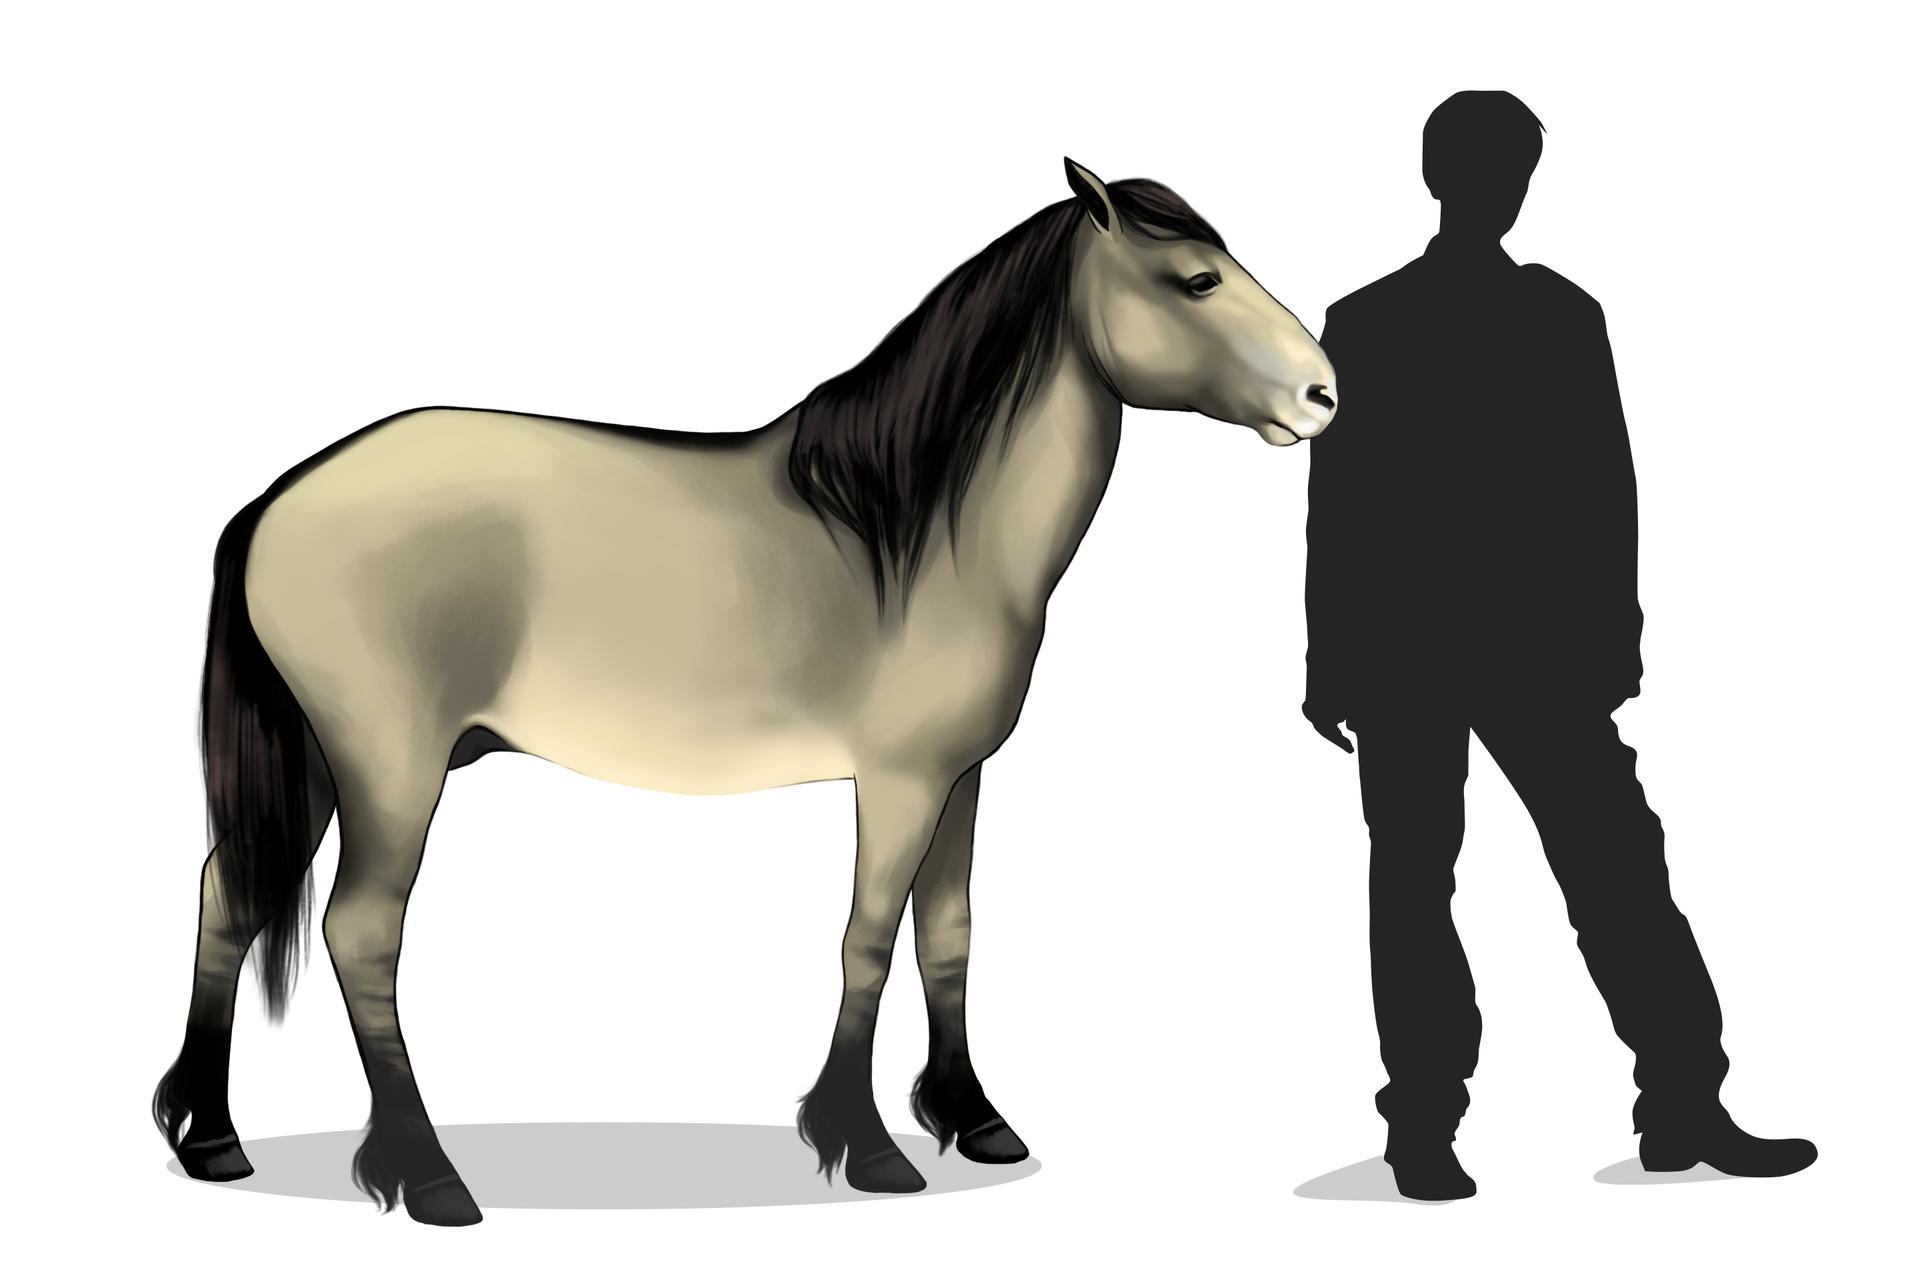 Ilustracja przedstawia sylwetkę beżowego, niskiego konia obok grafitowej sylwetki stojącego człowieka. Tarpan ma czarną grzywę, nogi iogon.